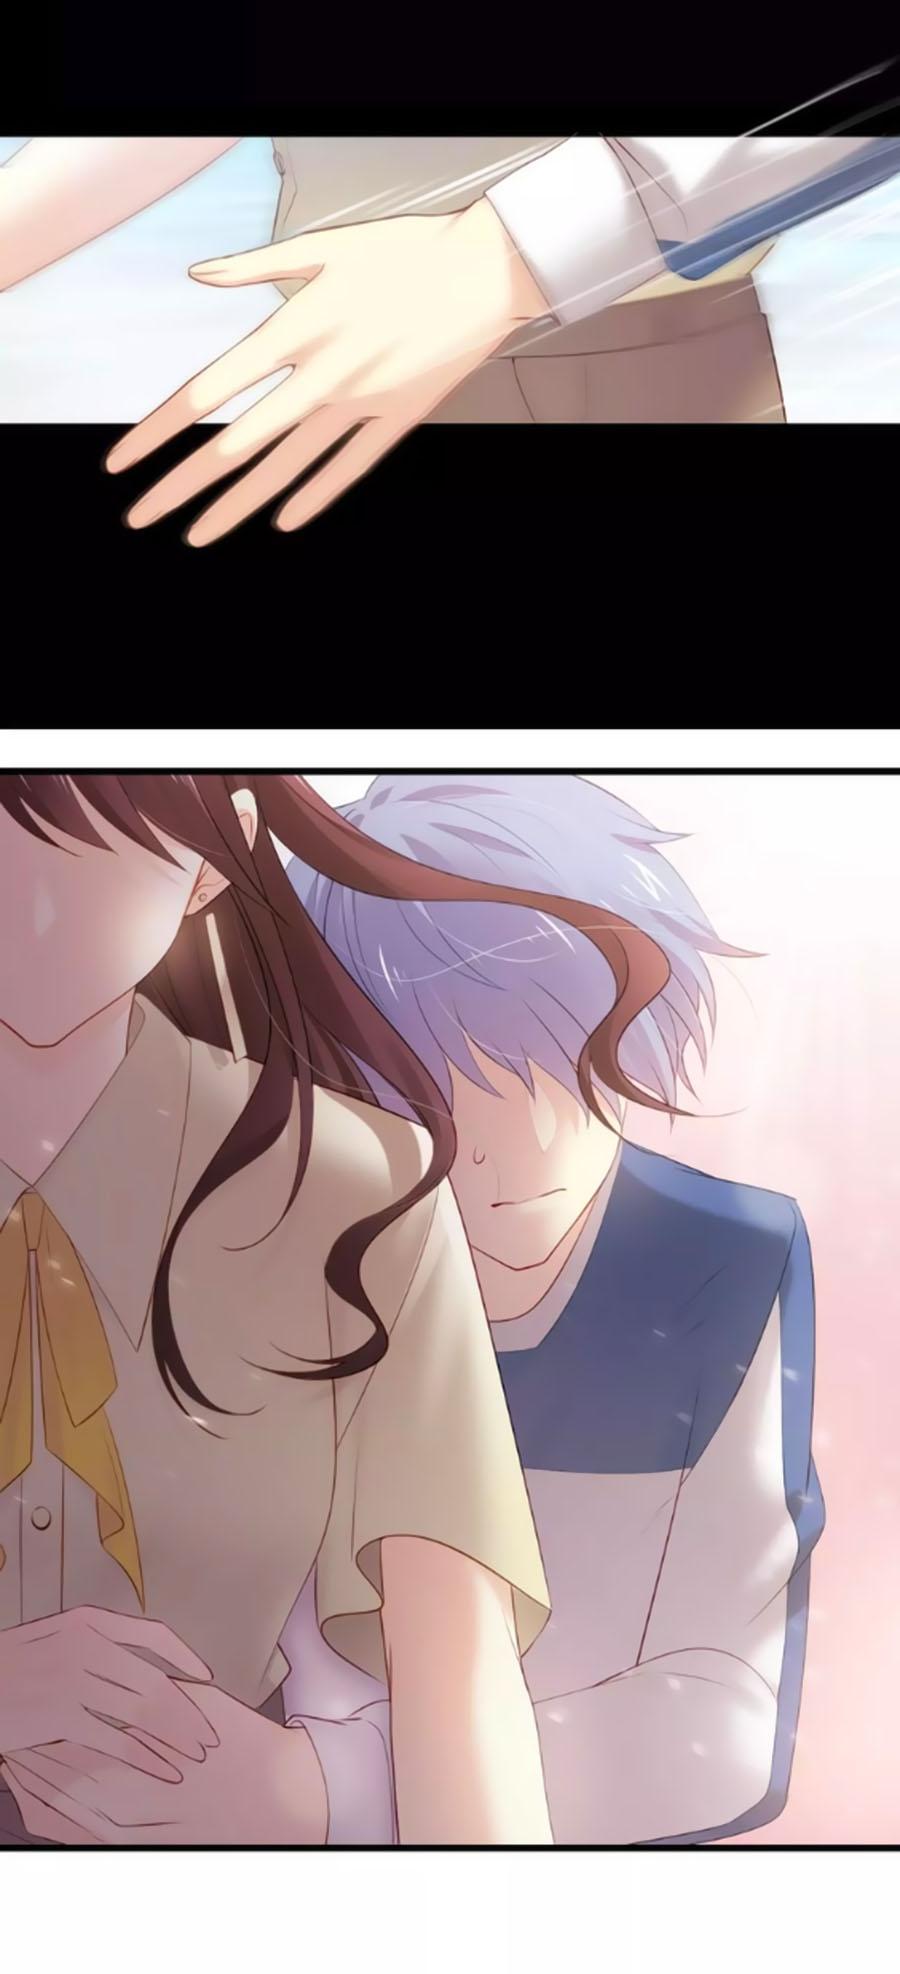 Tình Yêu Là Thế 2 Chap 5